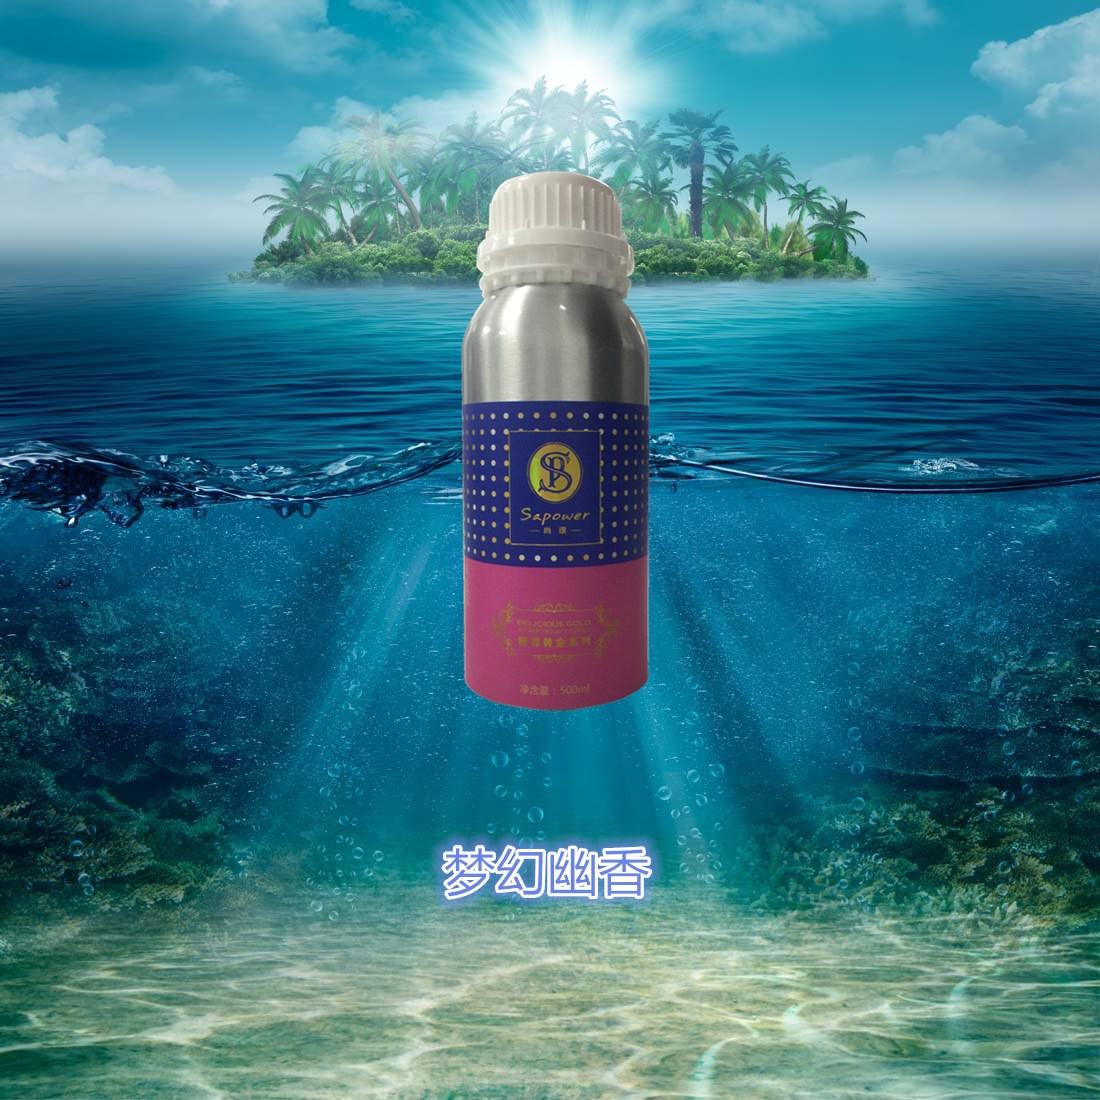 精油;扩香精油;香氛精油;植物香油;加香精油